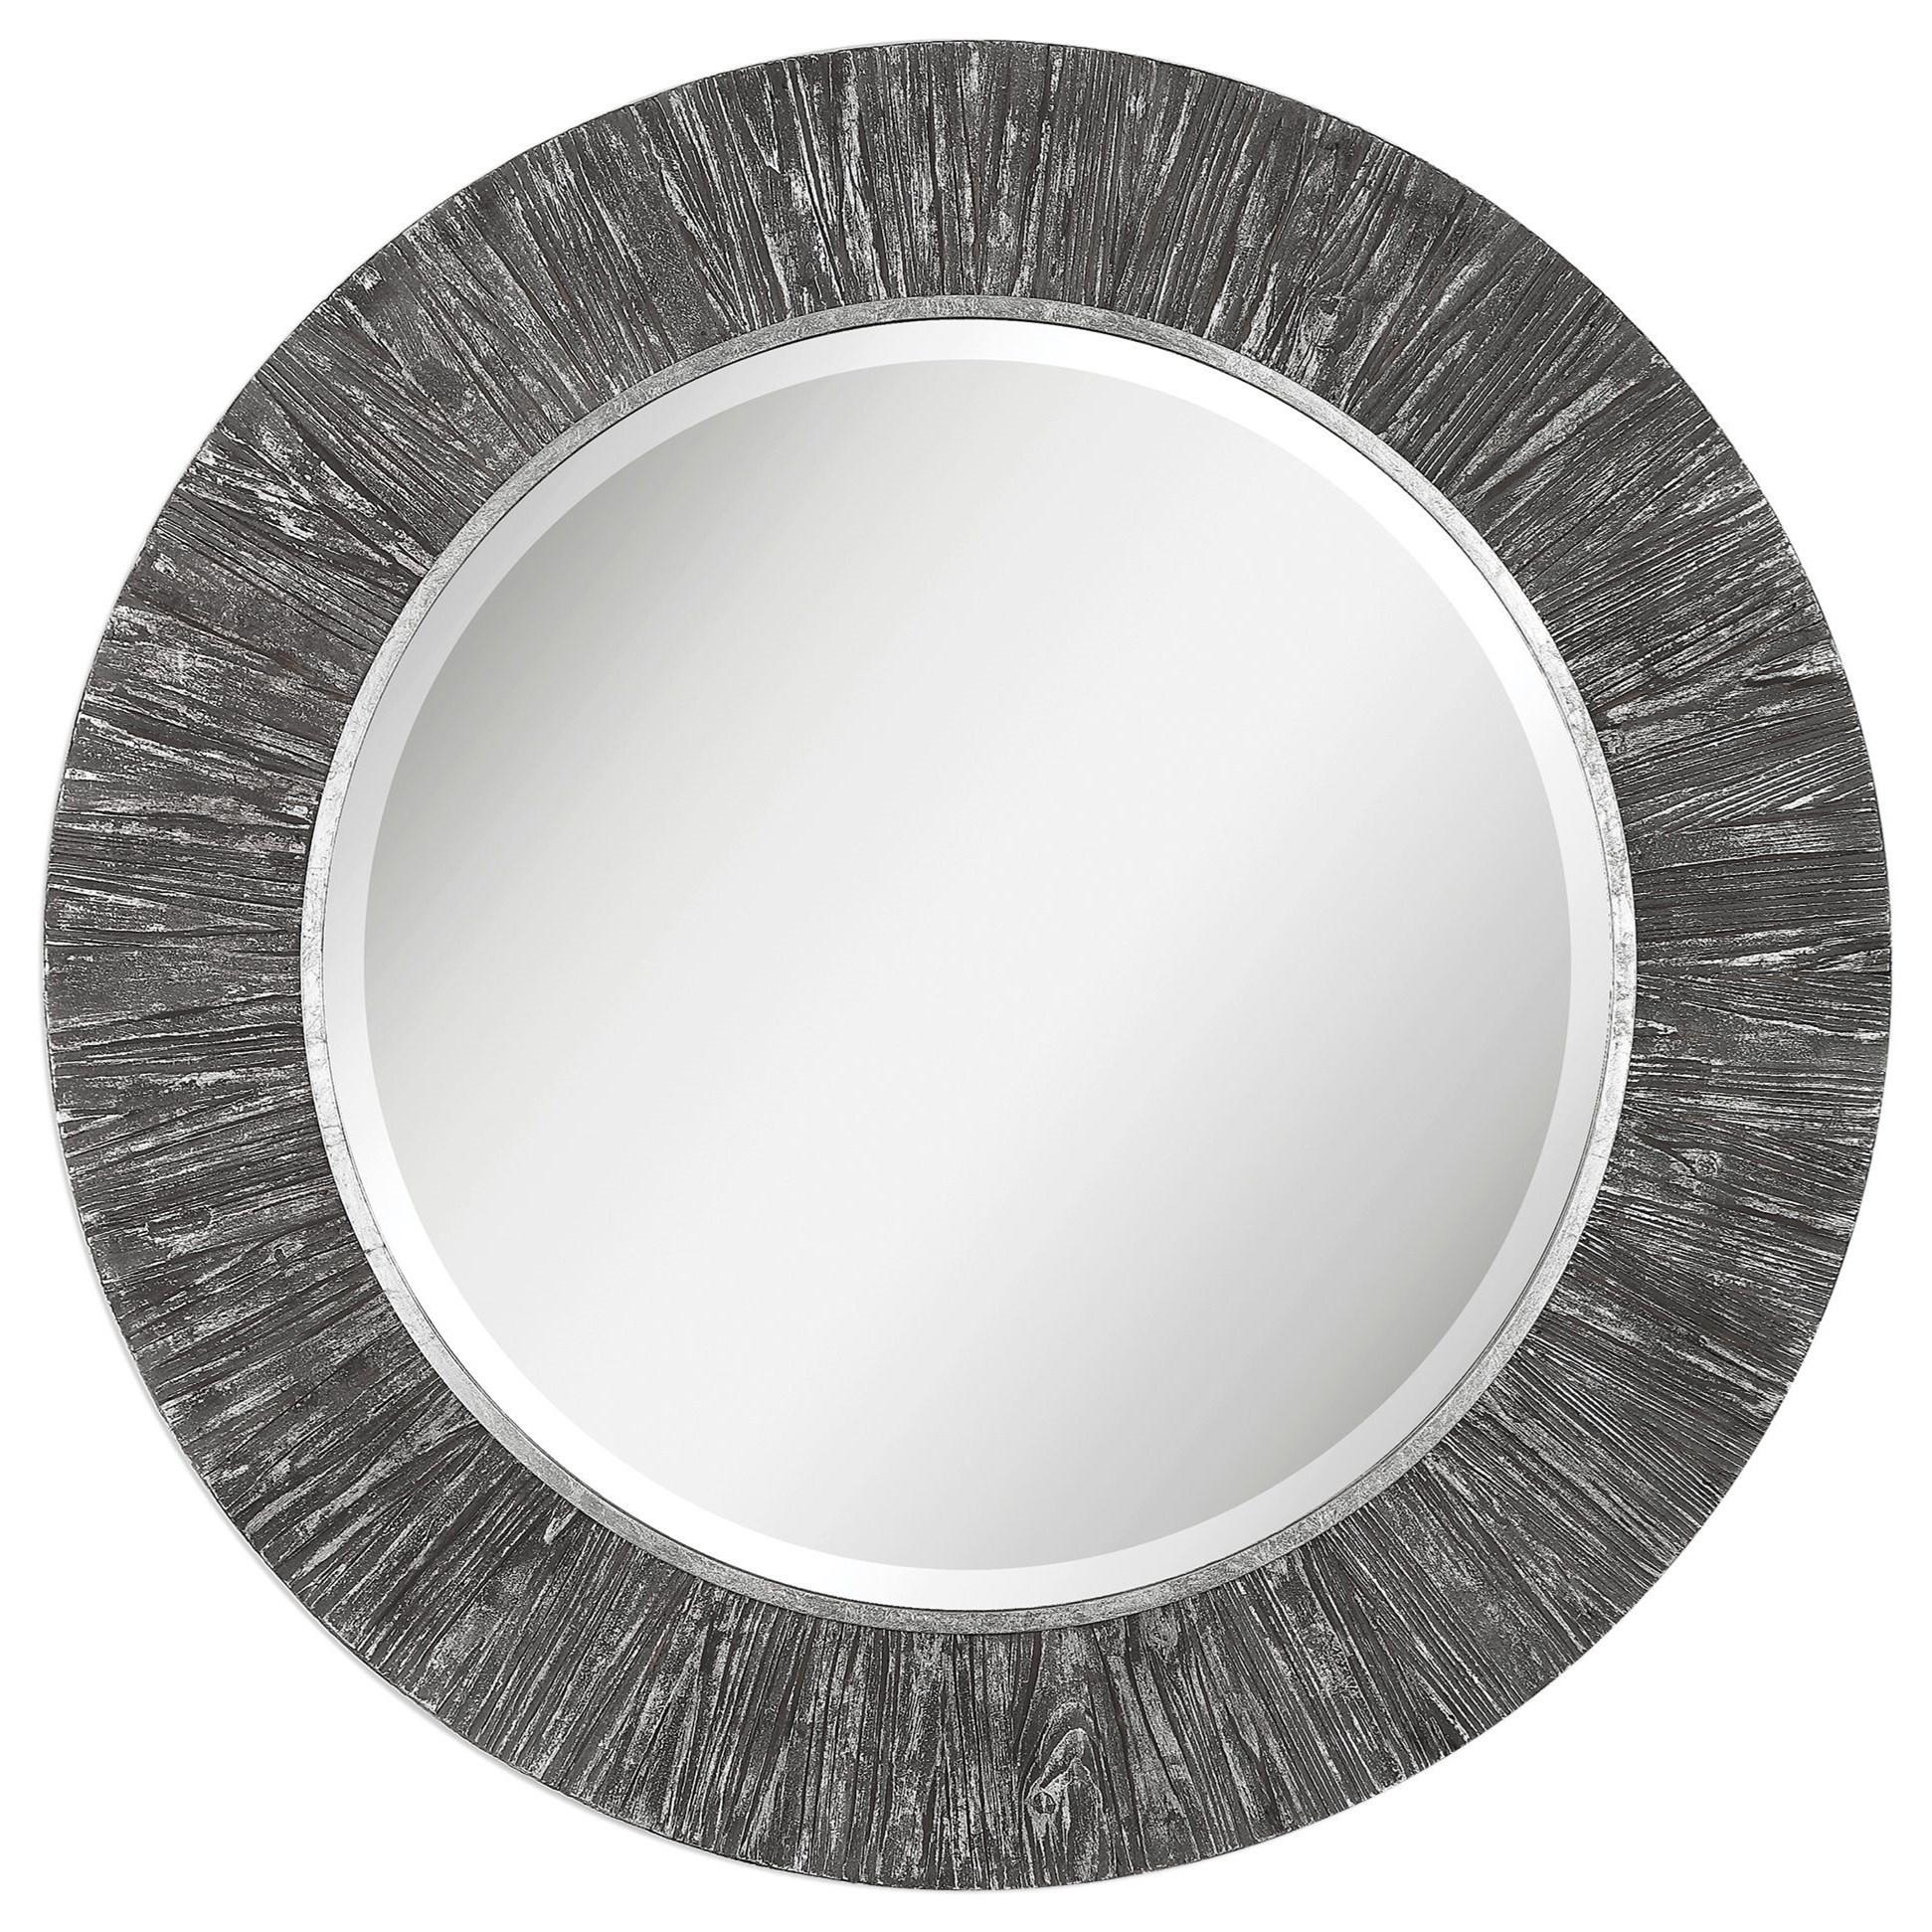 Mirrors - Round Wenton Round Aged Wood Mirror by Uttermost at Lucas Furniture & Mattress